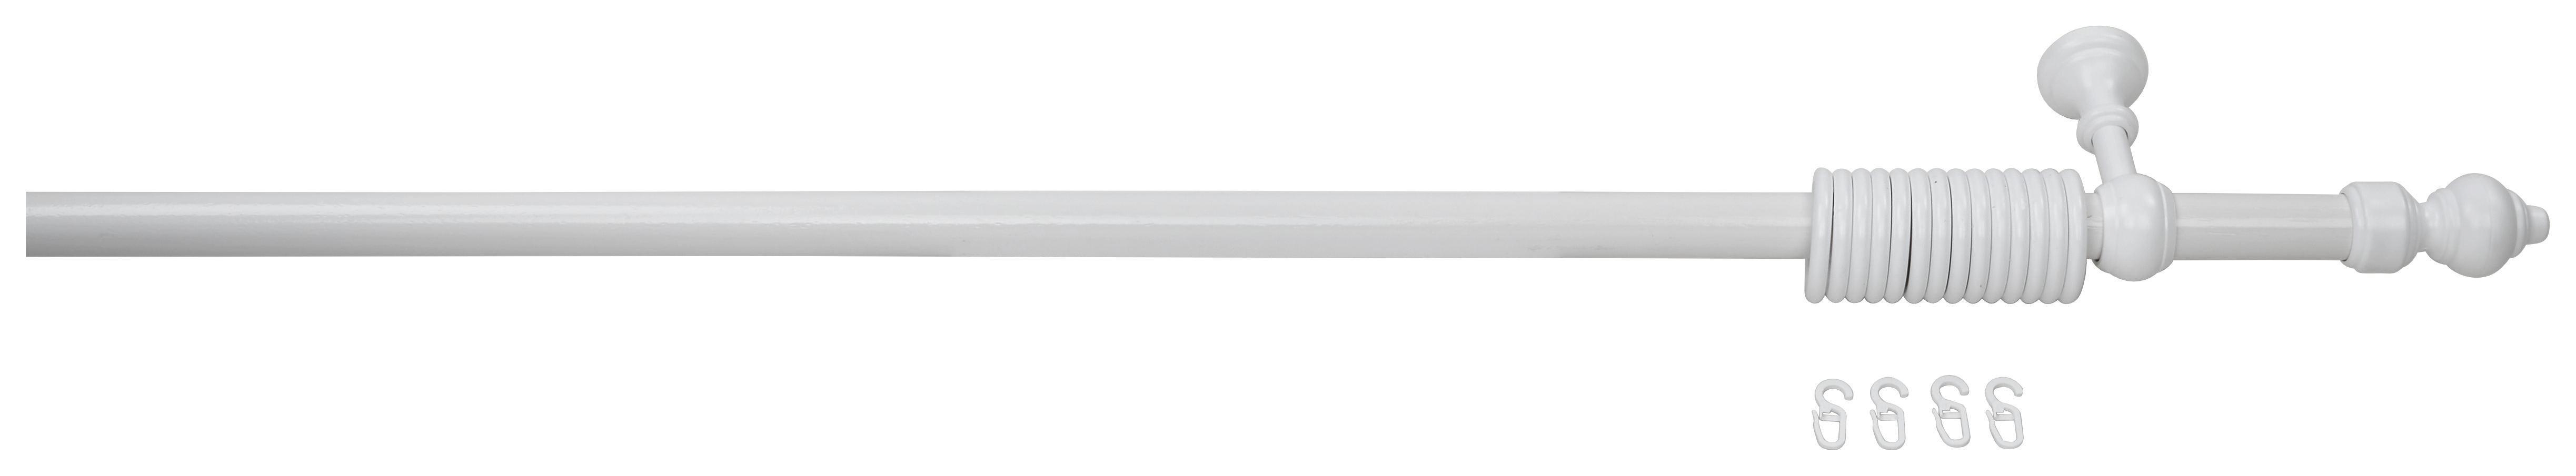 Rundstangengarnitur Weiß, 1-lfg. - Weiß, KONVENTIONELL, Holz/Kunststoff (180cm) - HOMEWARE